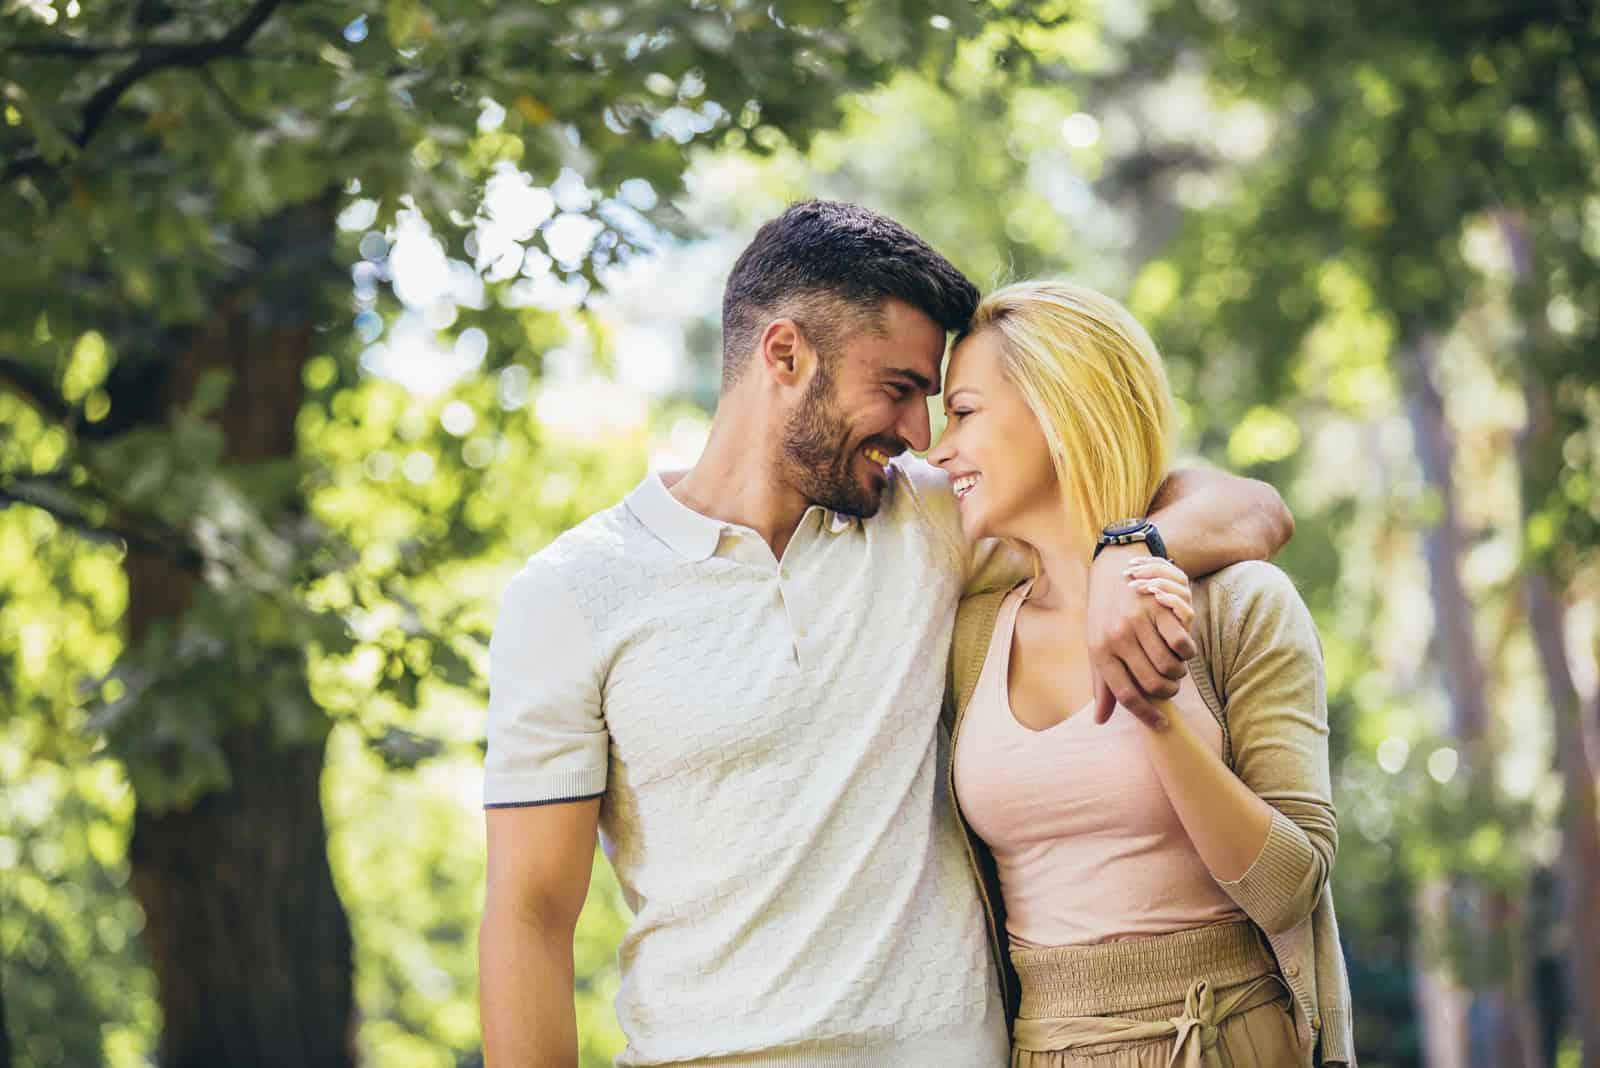 Glückliches verliebtes Paar, das im Park spazieren geht